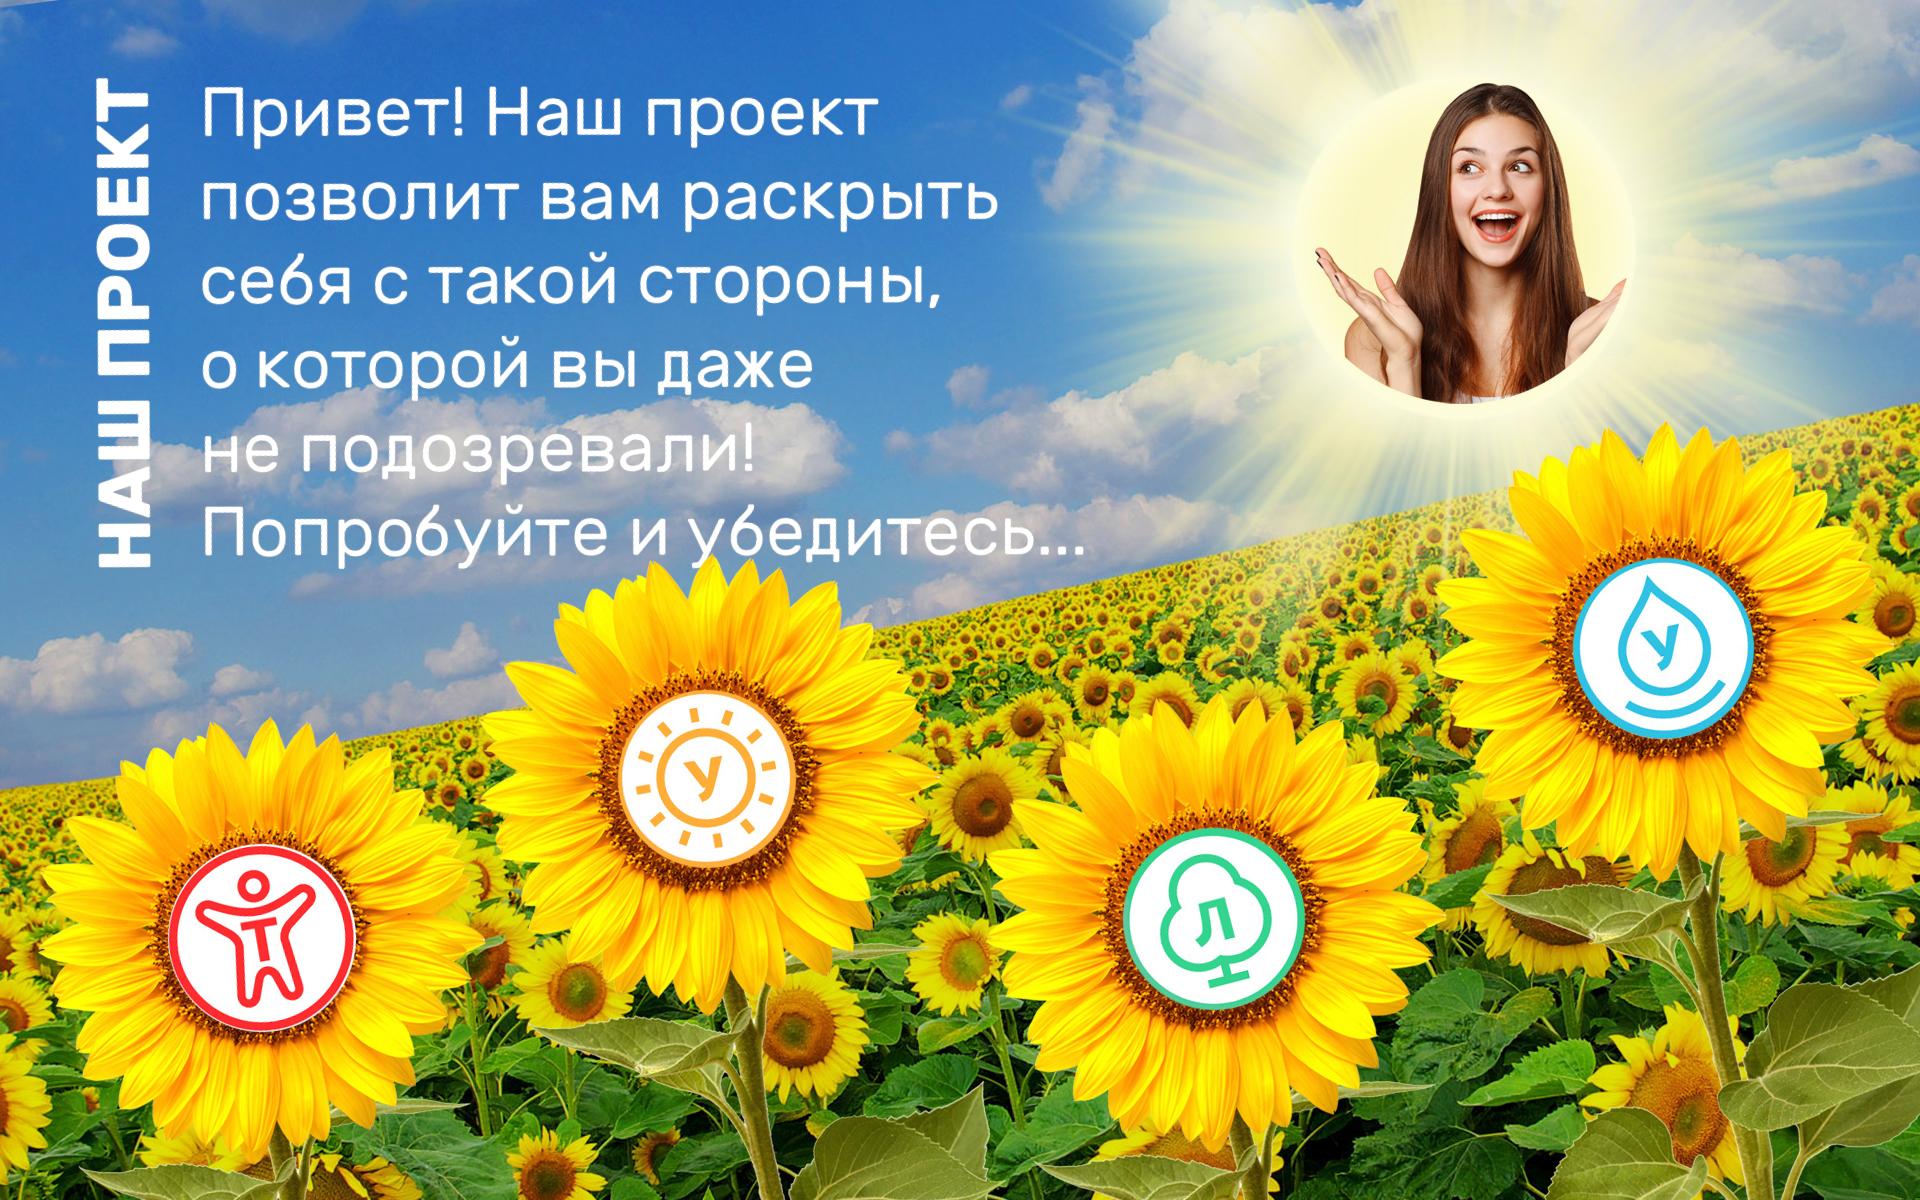 Креативный дизайн внутренней страницы портала для детей фото f_6655cfaa662ad198.jpg